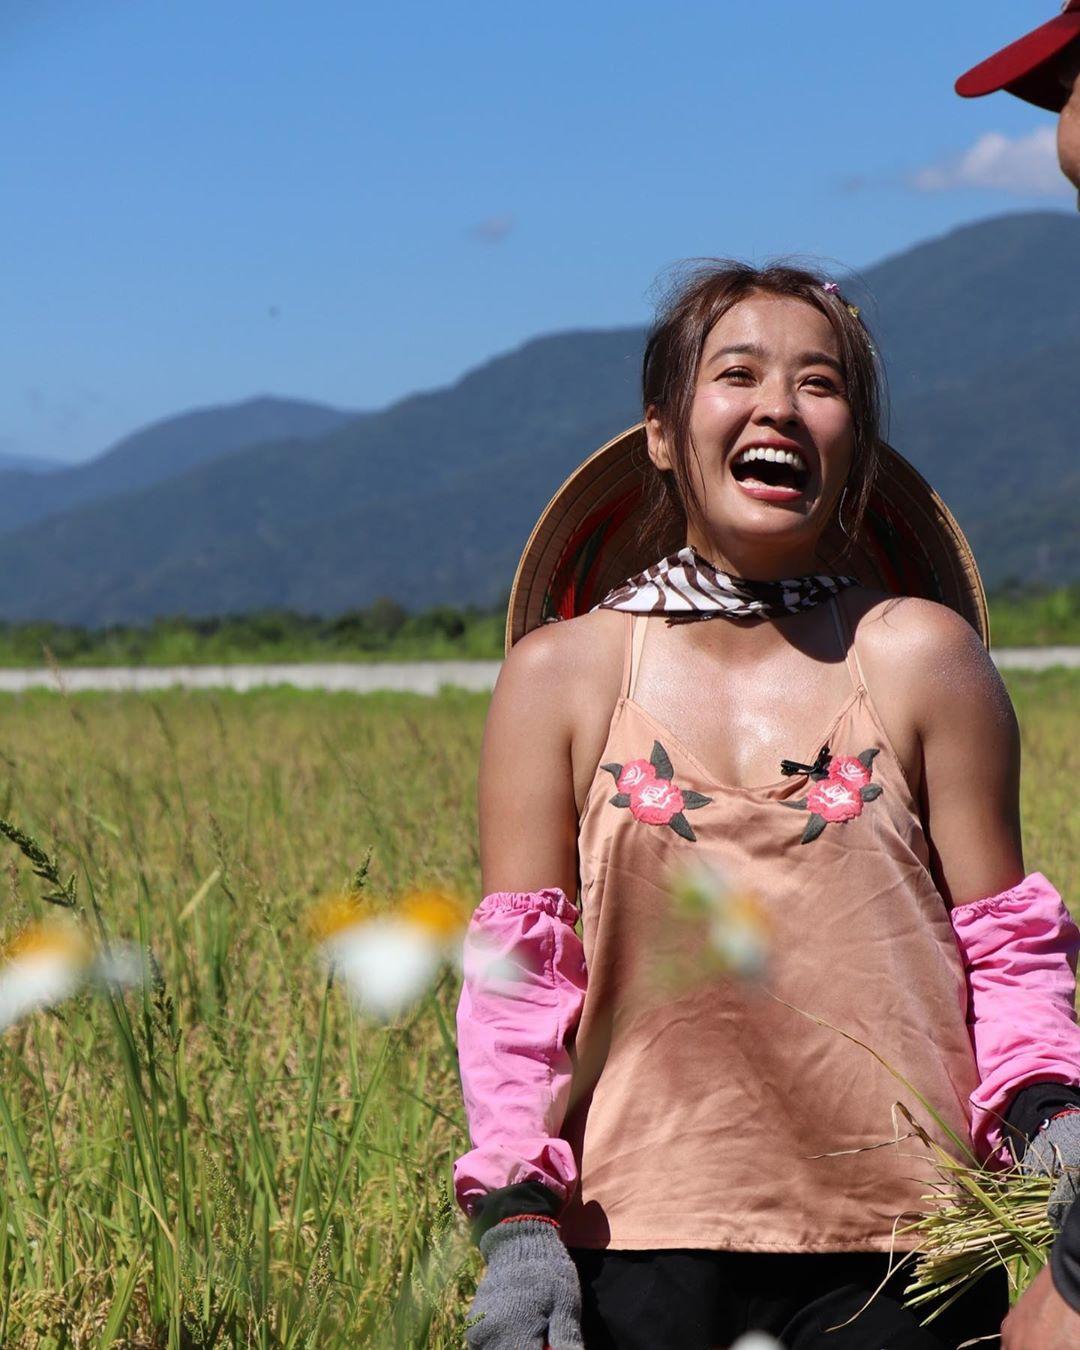 想要保持青春活力,就要不停更新,學習新事物讓她覺得很開心